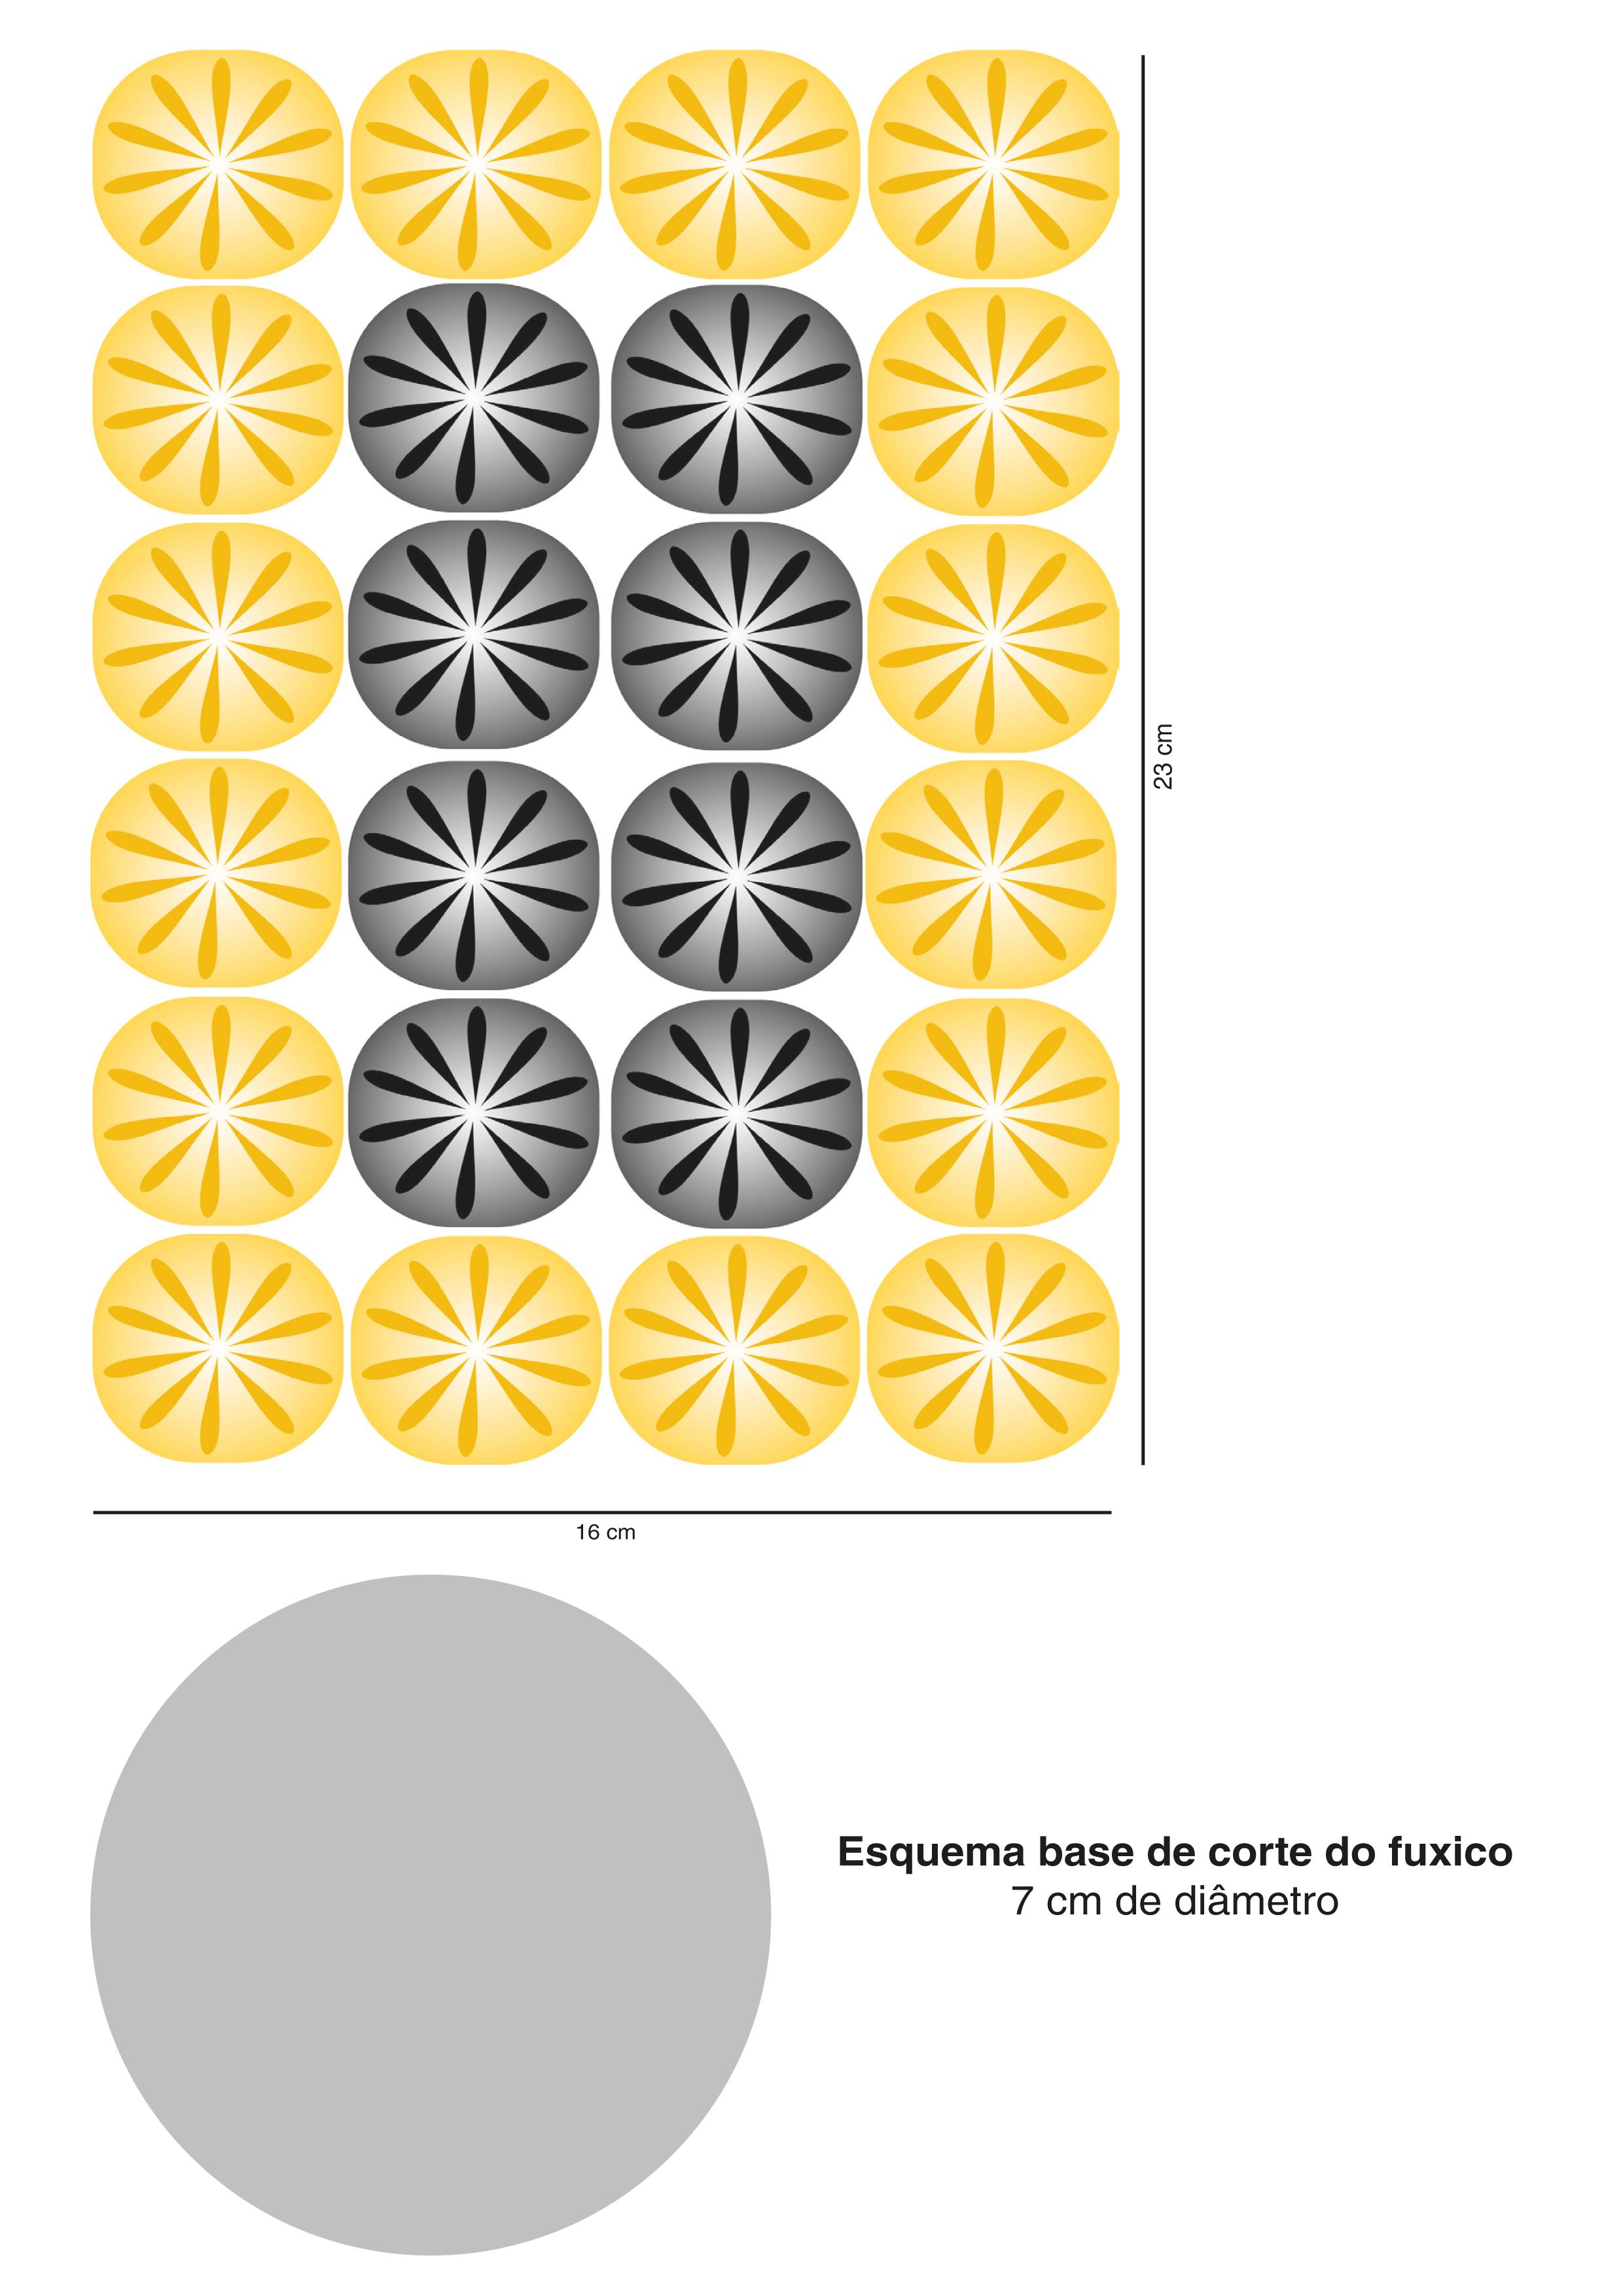 lanterna-fuxico-molde